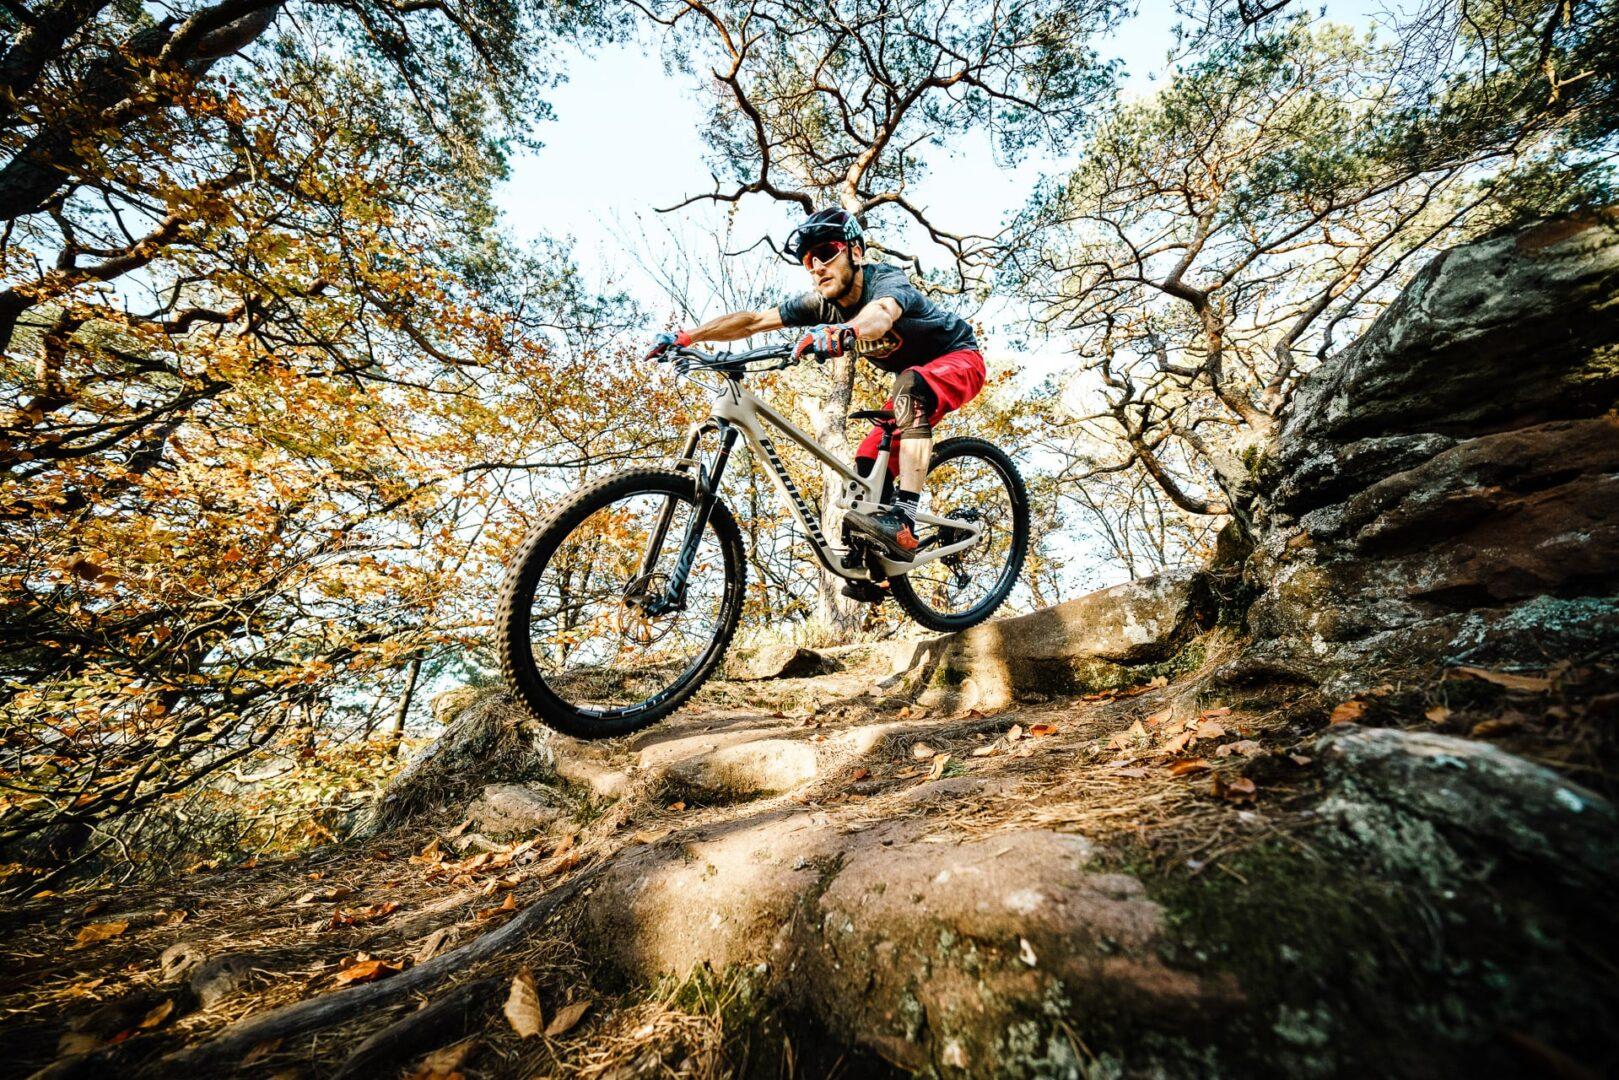 Gibt es ein besseres Gefühl als eins mit deinem Bike zu werden?Den Flow zu spüren und einfach mal laufen zu lassen? Unsere Hugene zaubert dir bei jedem Trail ein Grinsen ins Gesicht, erlaubt es dir dich richtig auszutoben und einfach nur Spaß zu haben.